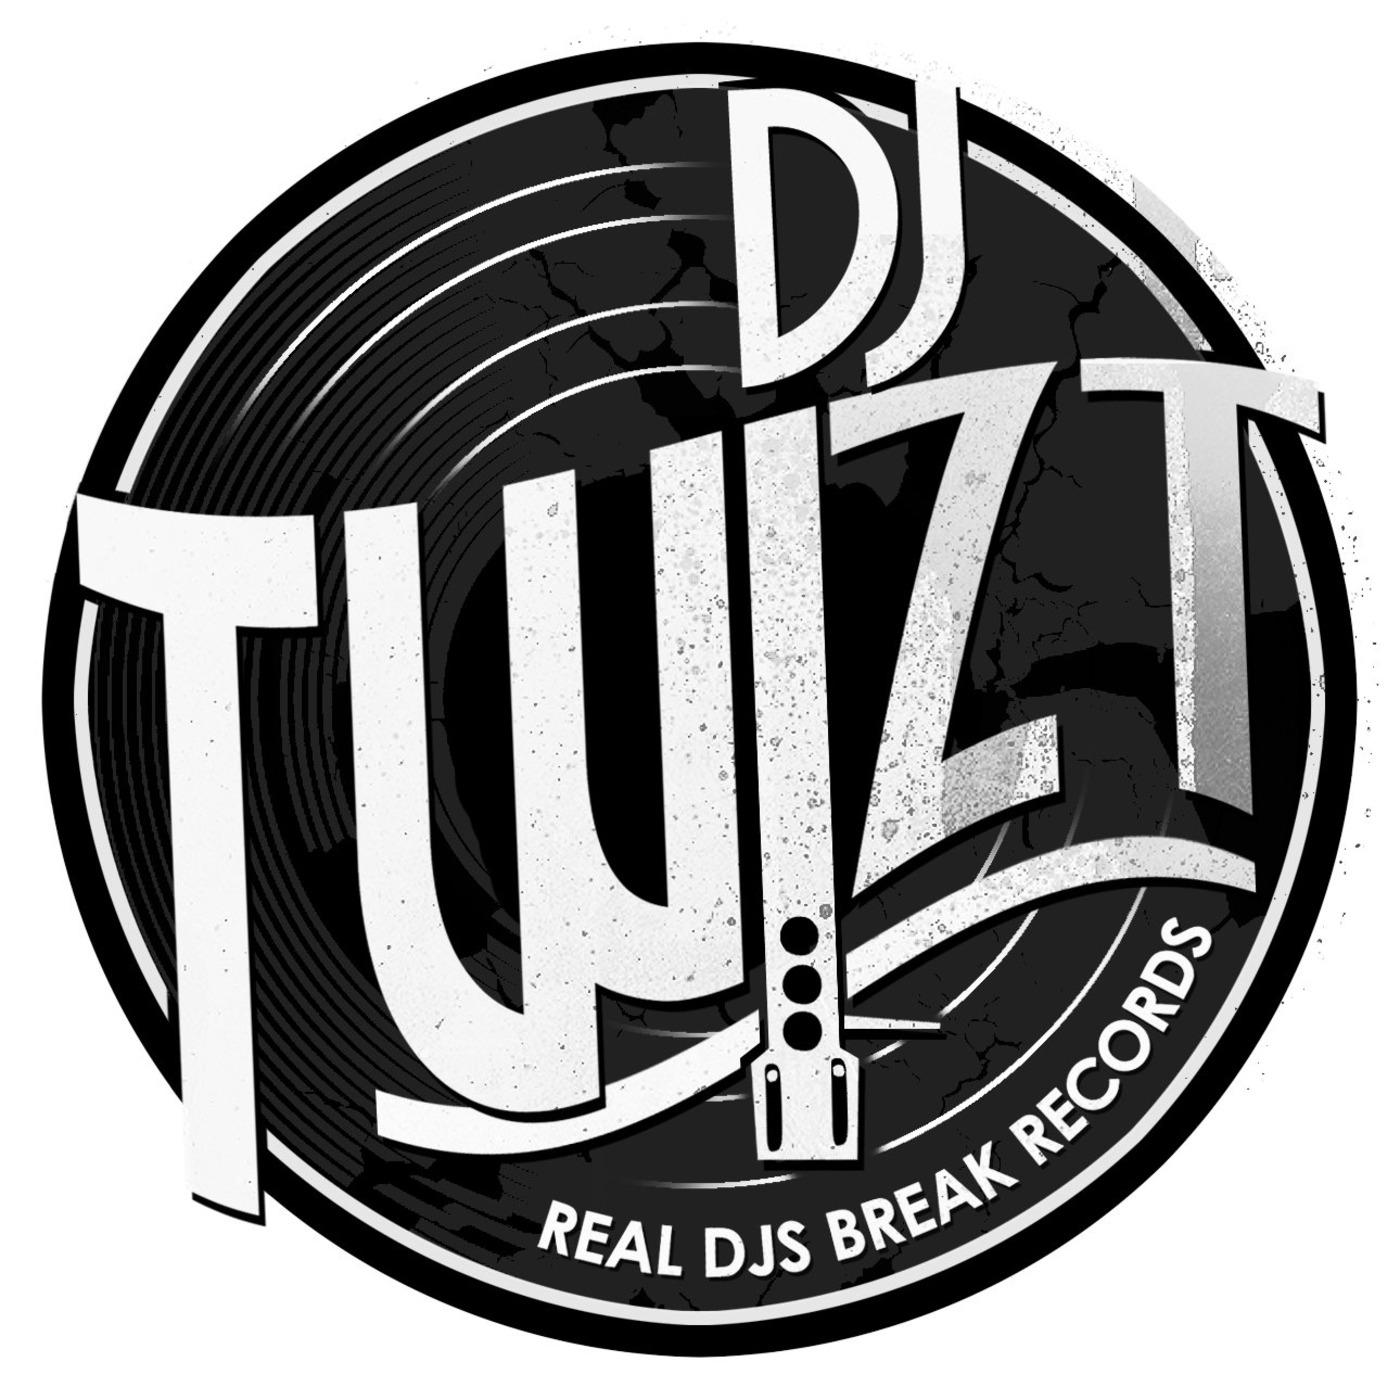 DJ TWIZT aka EARGAZM